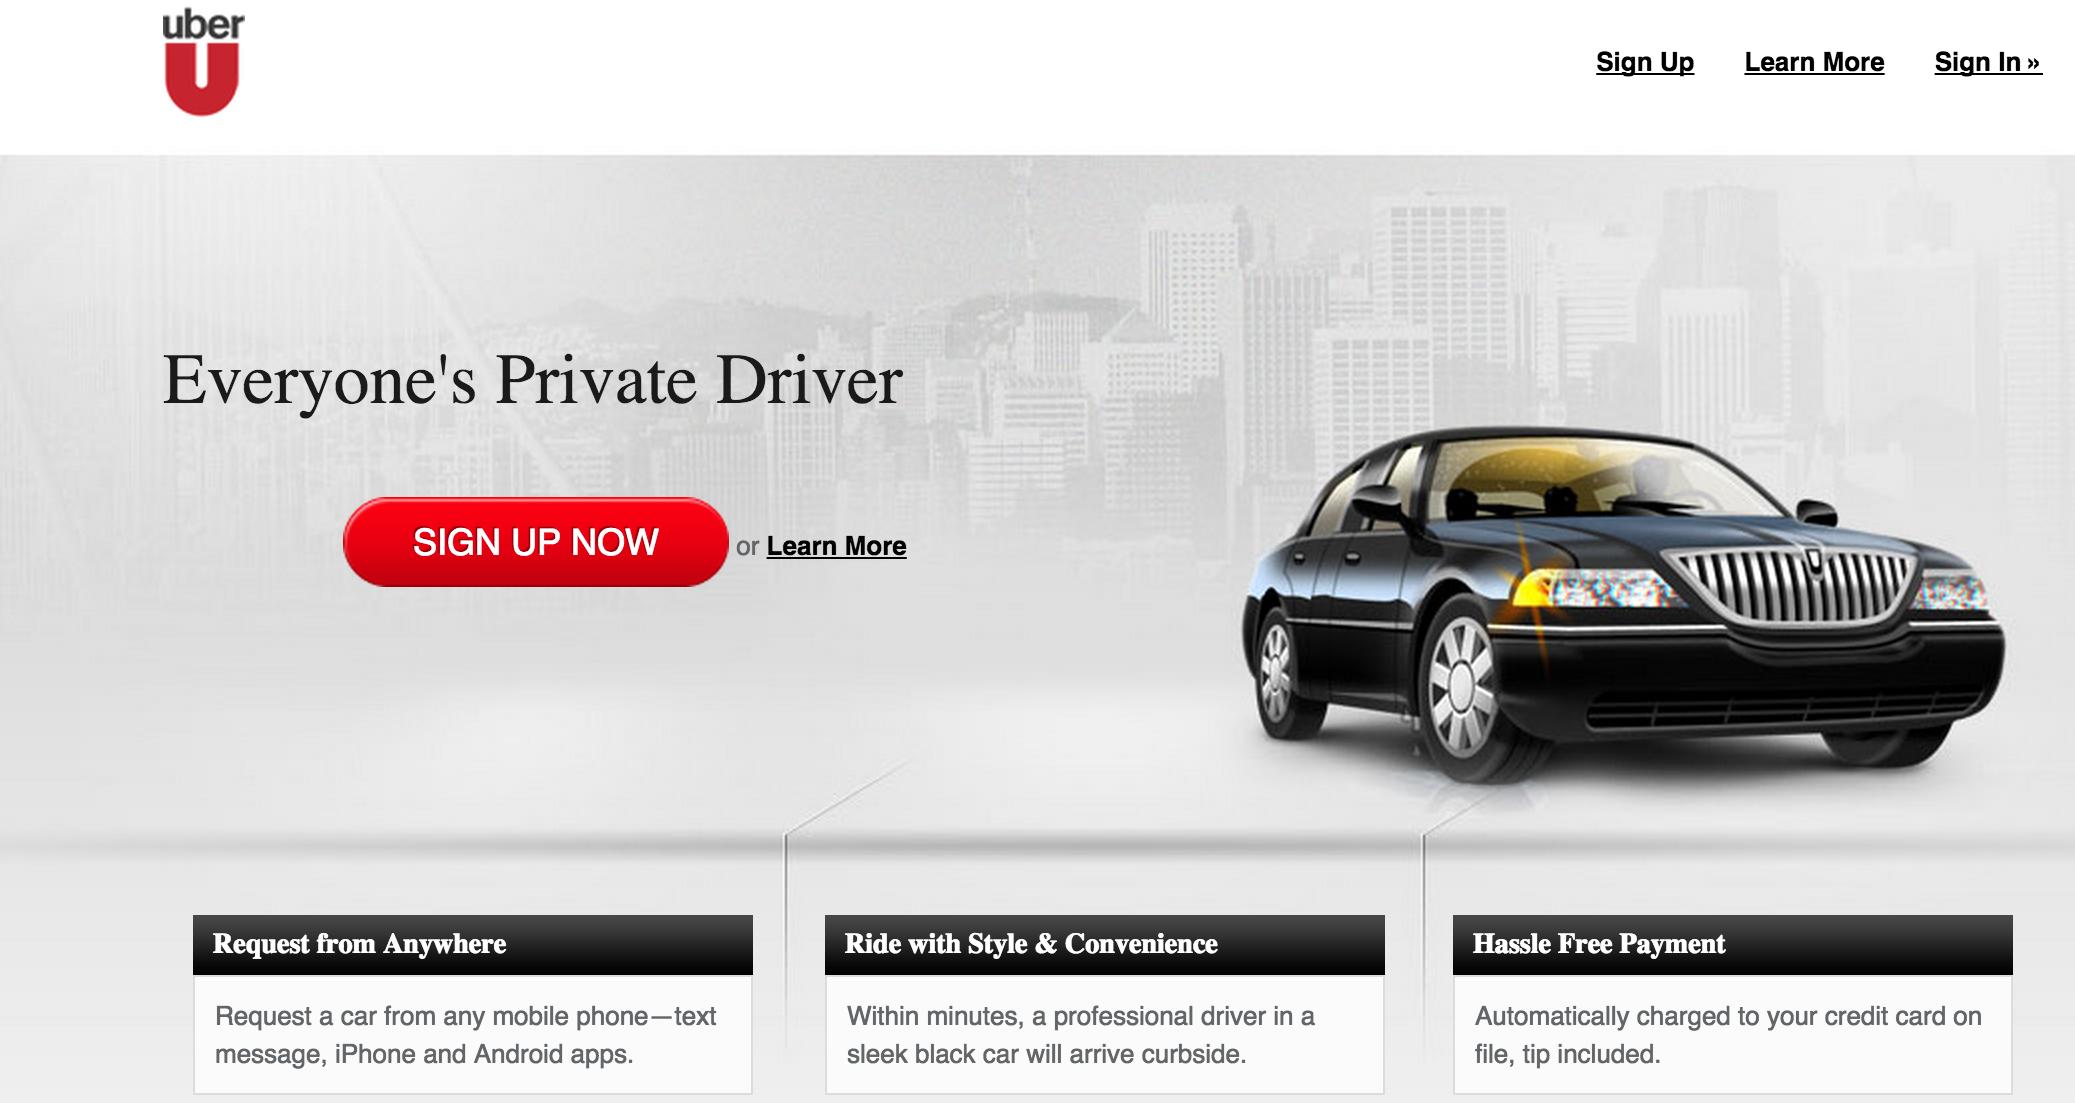 Uber-Jan-2011-2